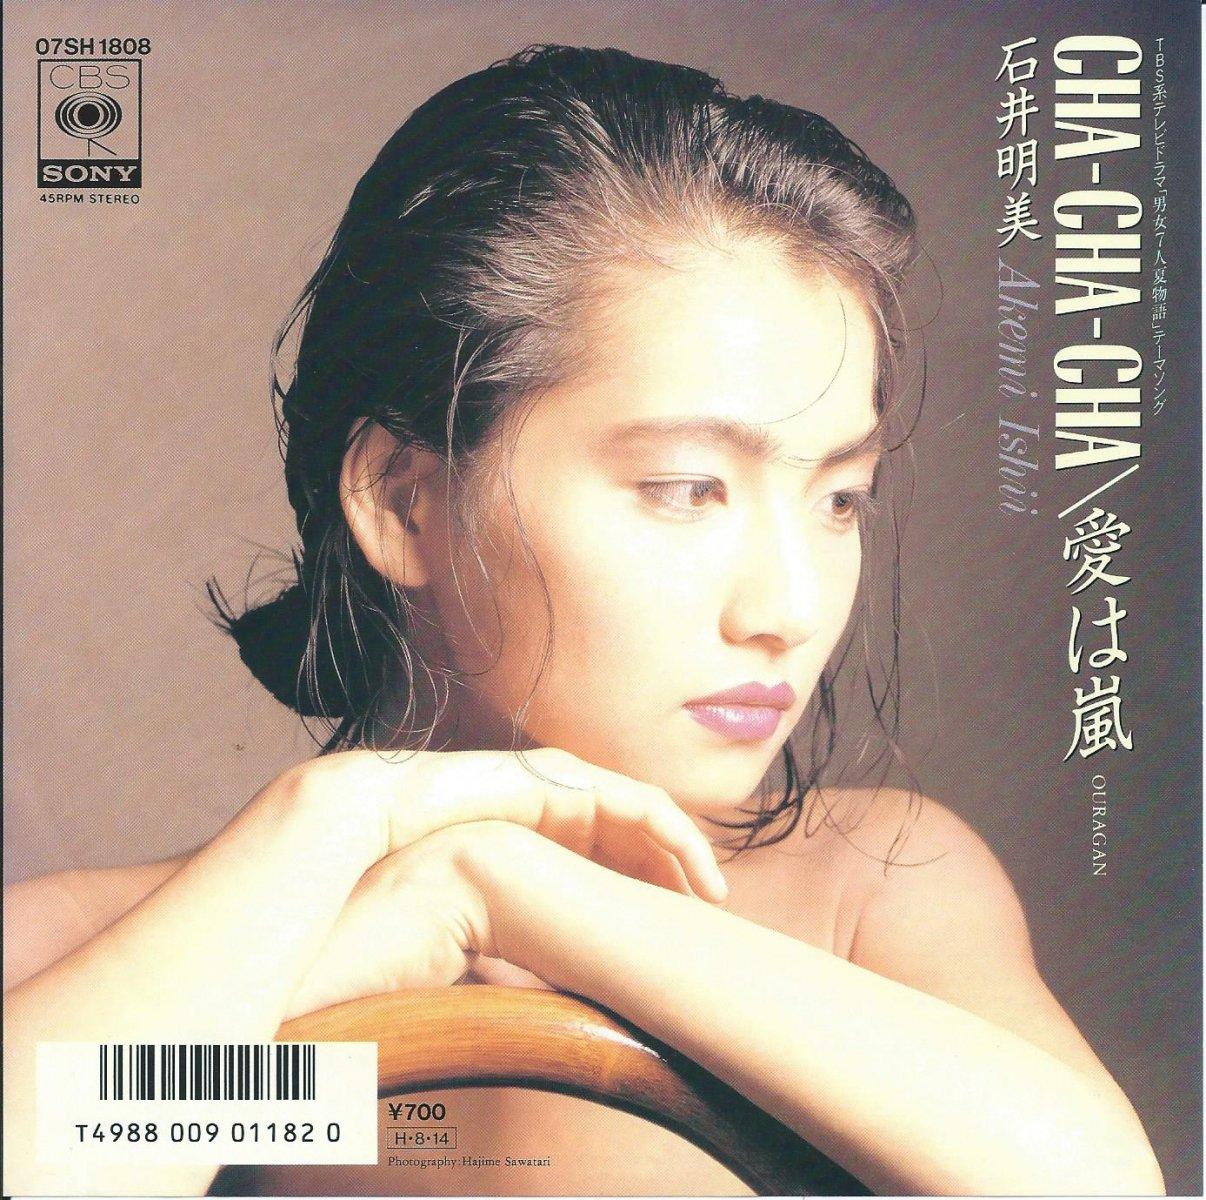 石井明美 AKEMI ISHII / CHA-CHA-CHA / 愛は嵐 (7